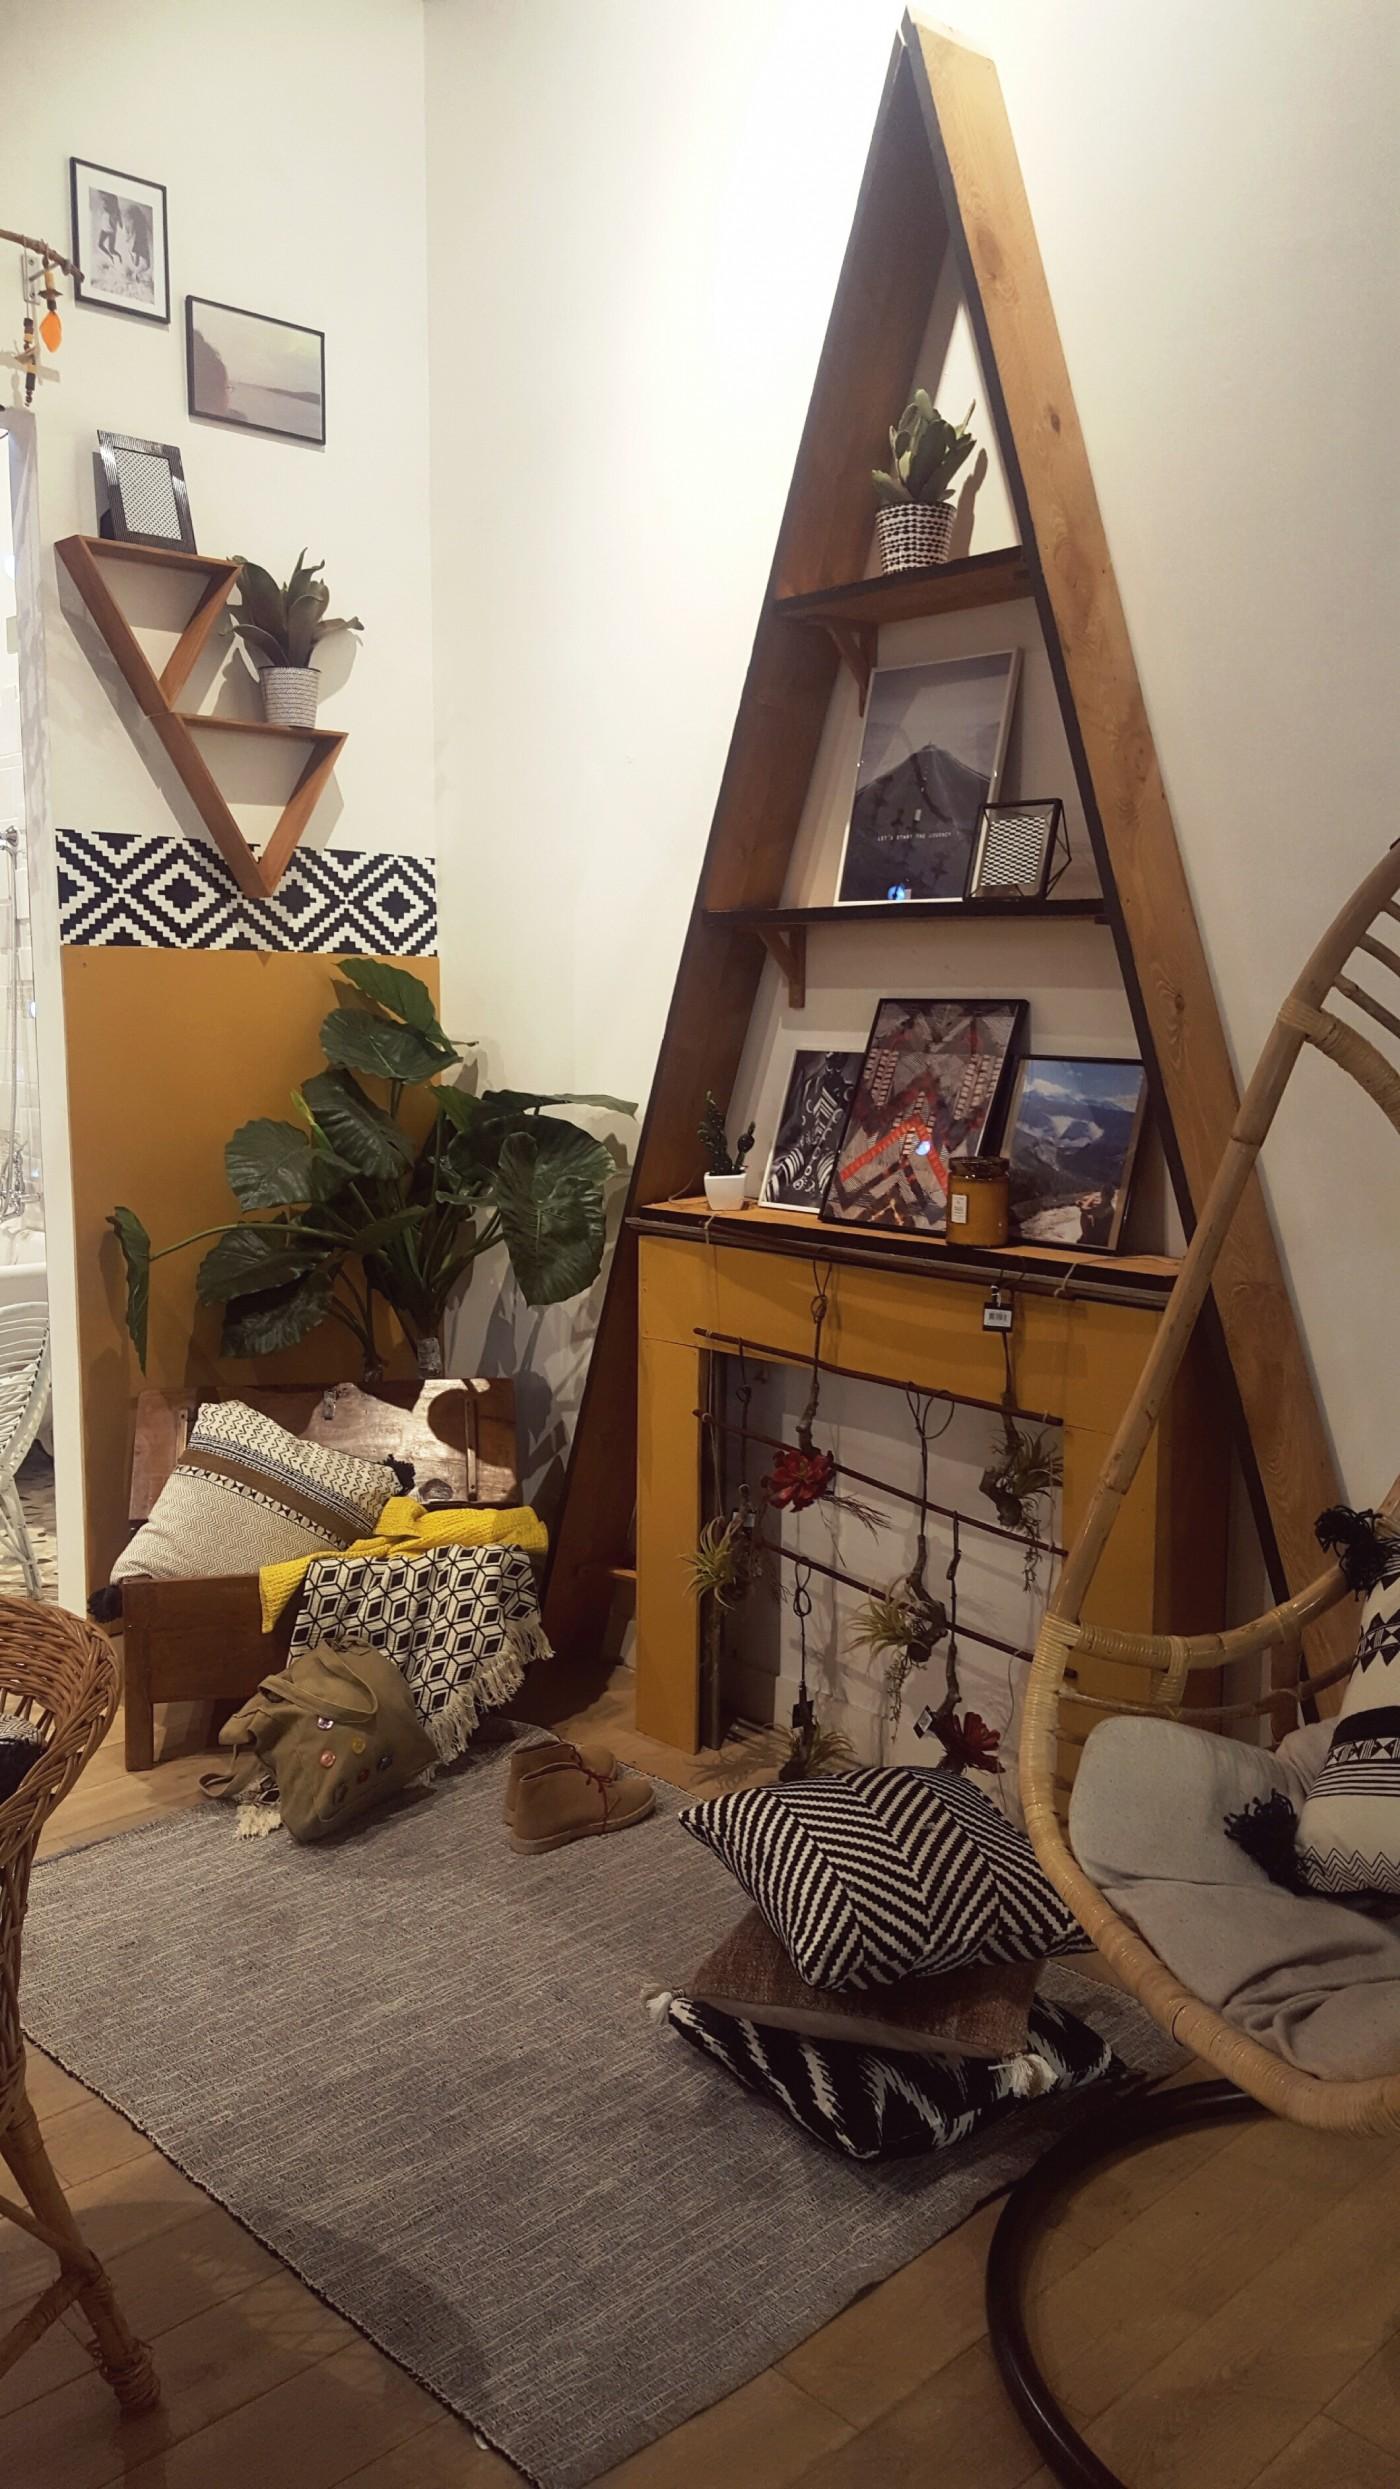 Nouveau d clic ethnocraft dans le salon blog z dio for Miroir zodio